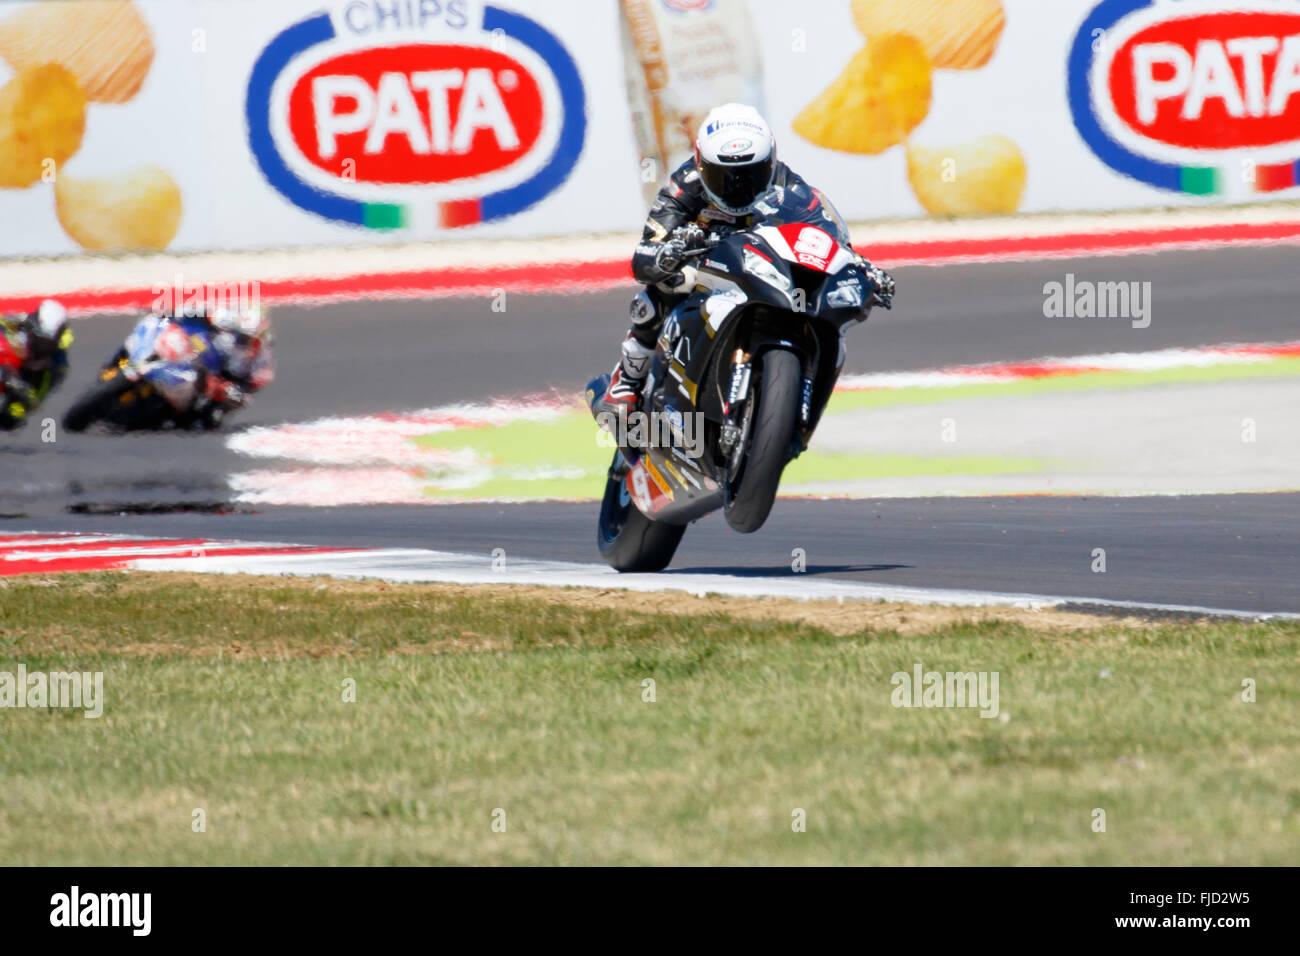 Misano Adriatico, Italy - June 21, 2015: Kawasaki ZX-10R of Clasitaly Team, driven by CAVALLI Francesco Stock Photo